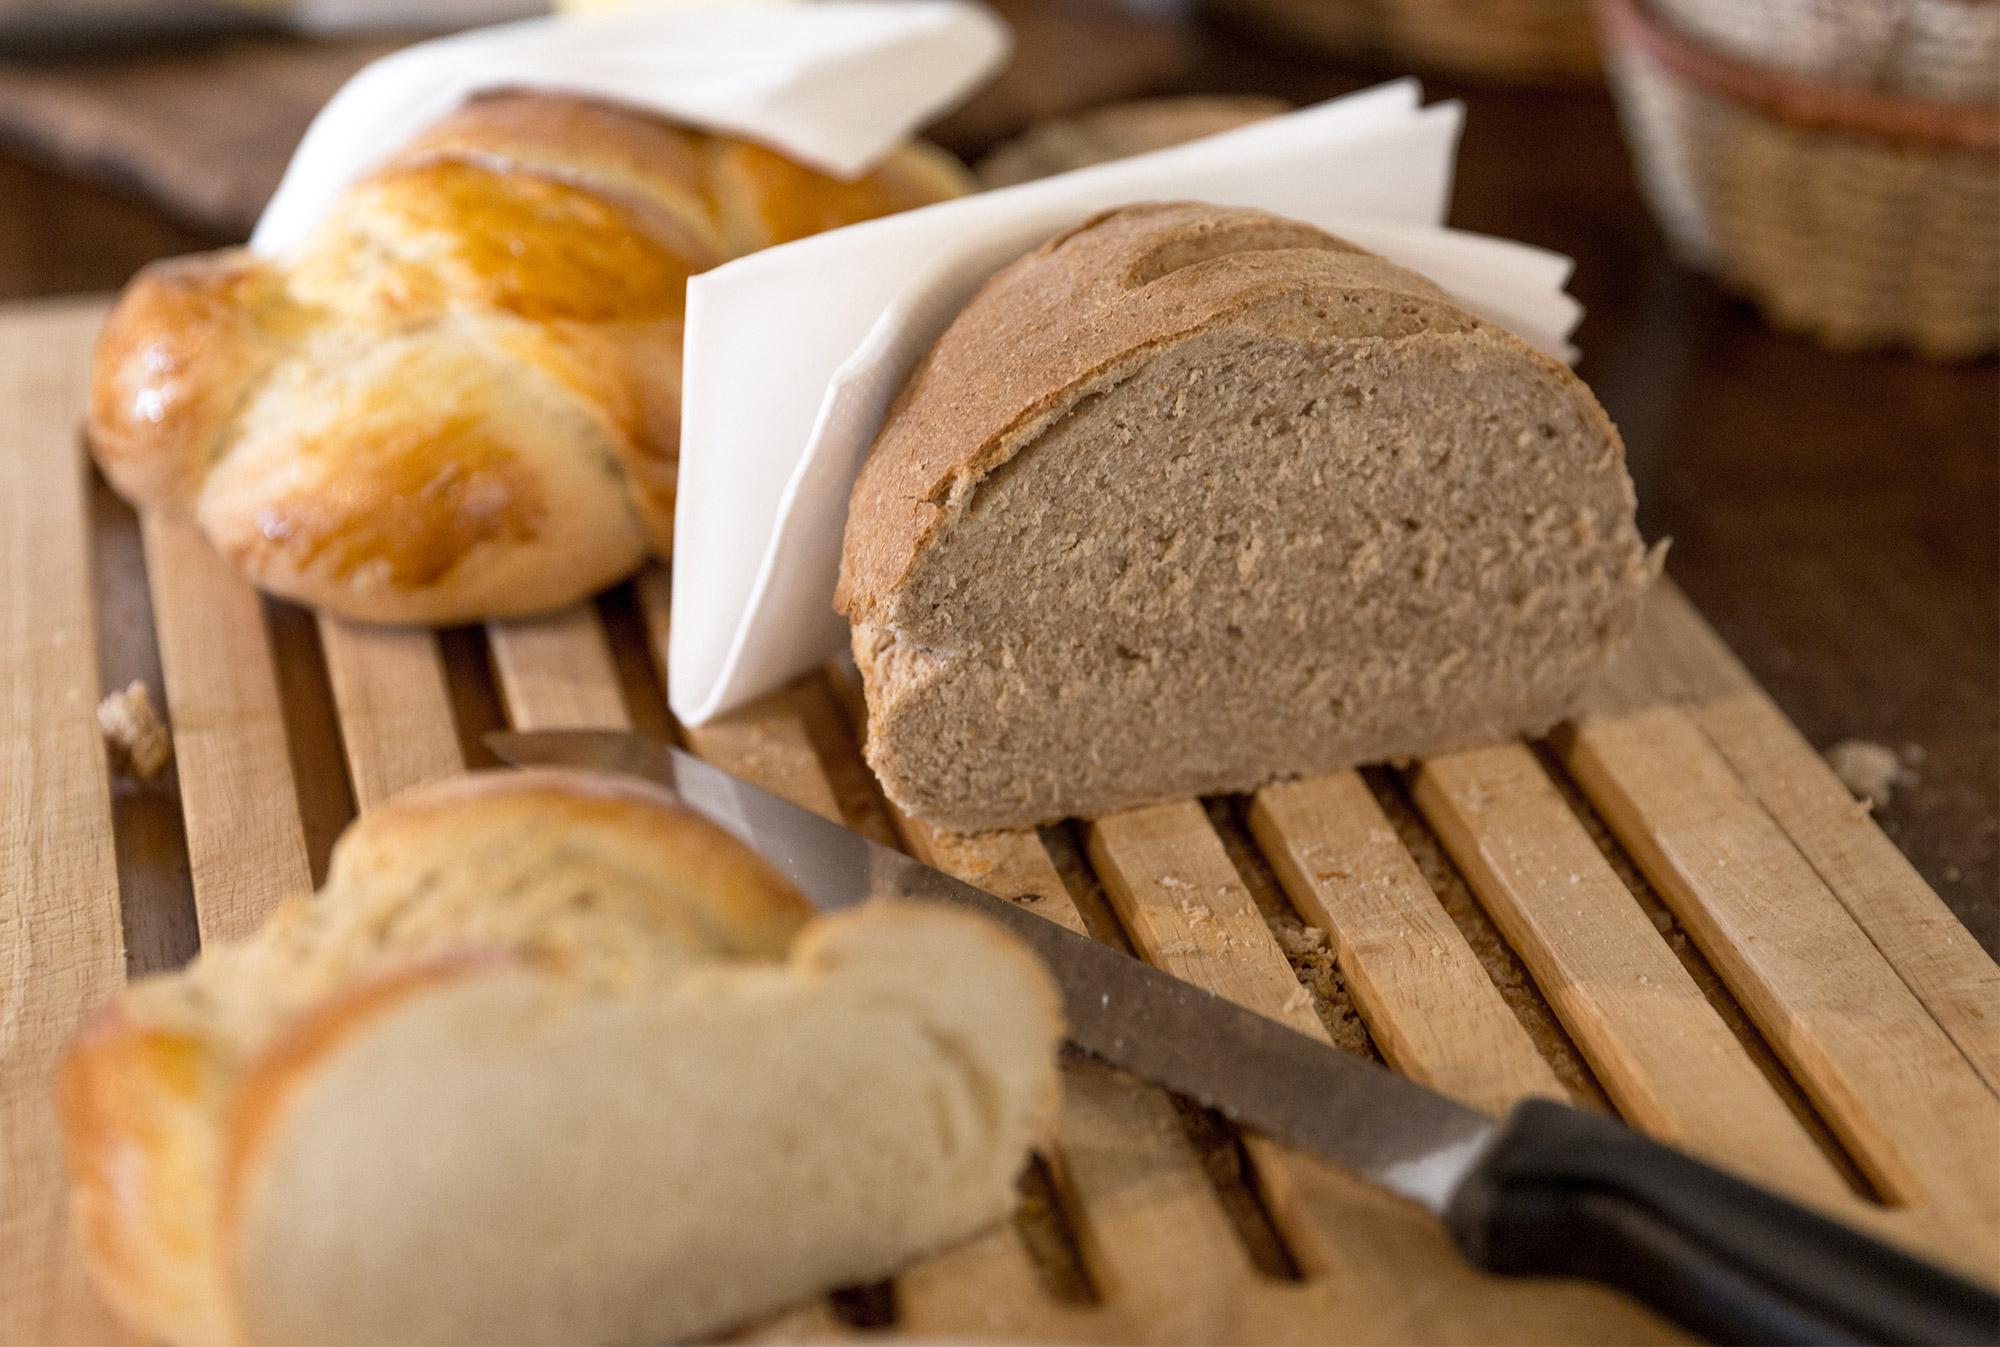 Die Konfitüre schmeckt vorzüglich auf frisch gebackenem Brot